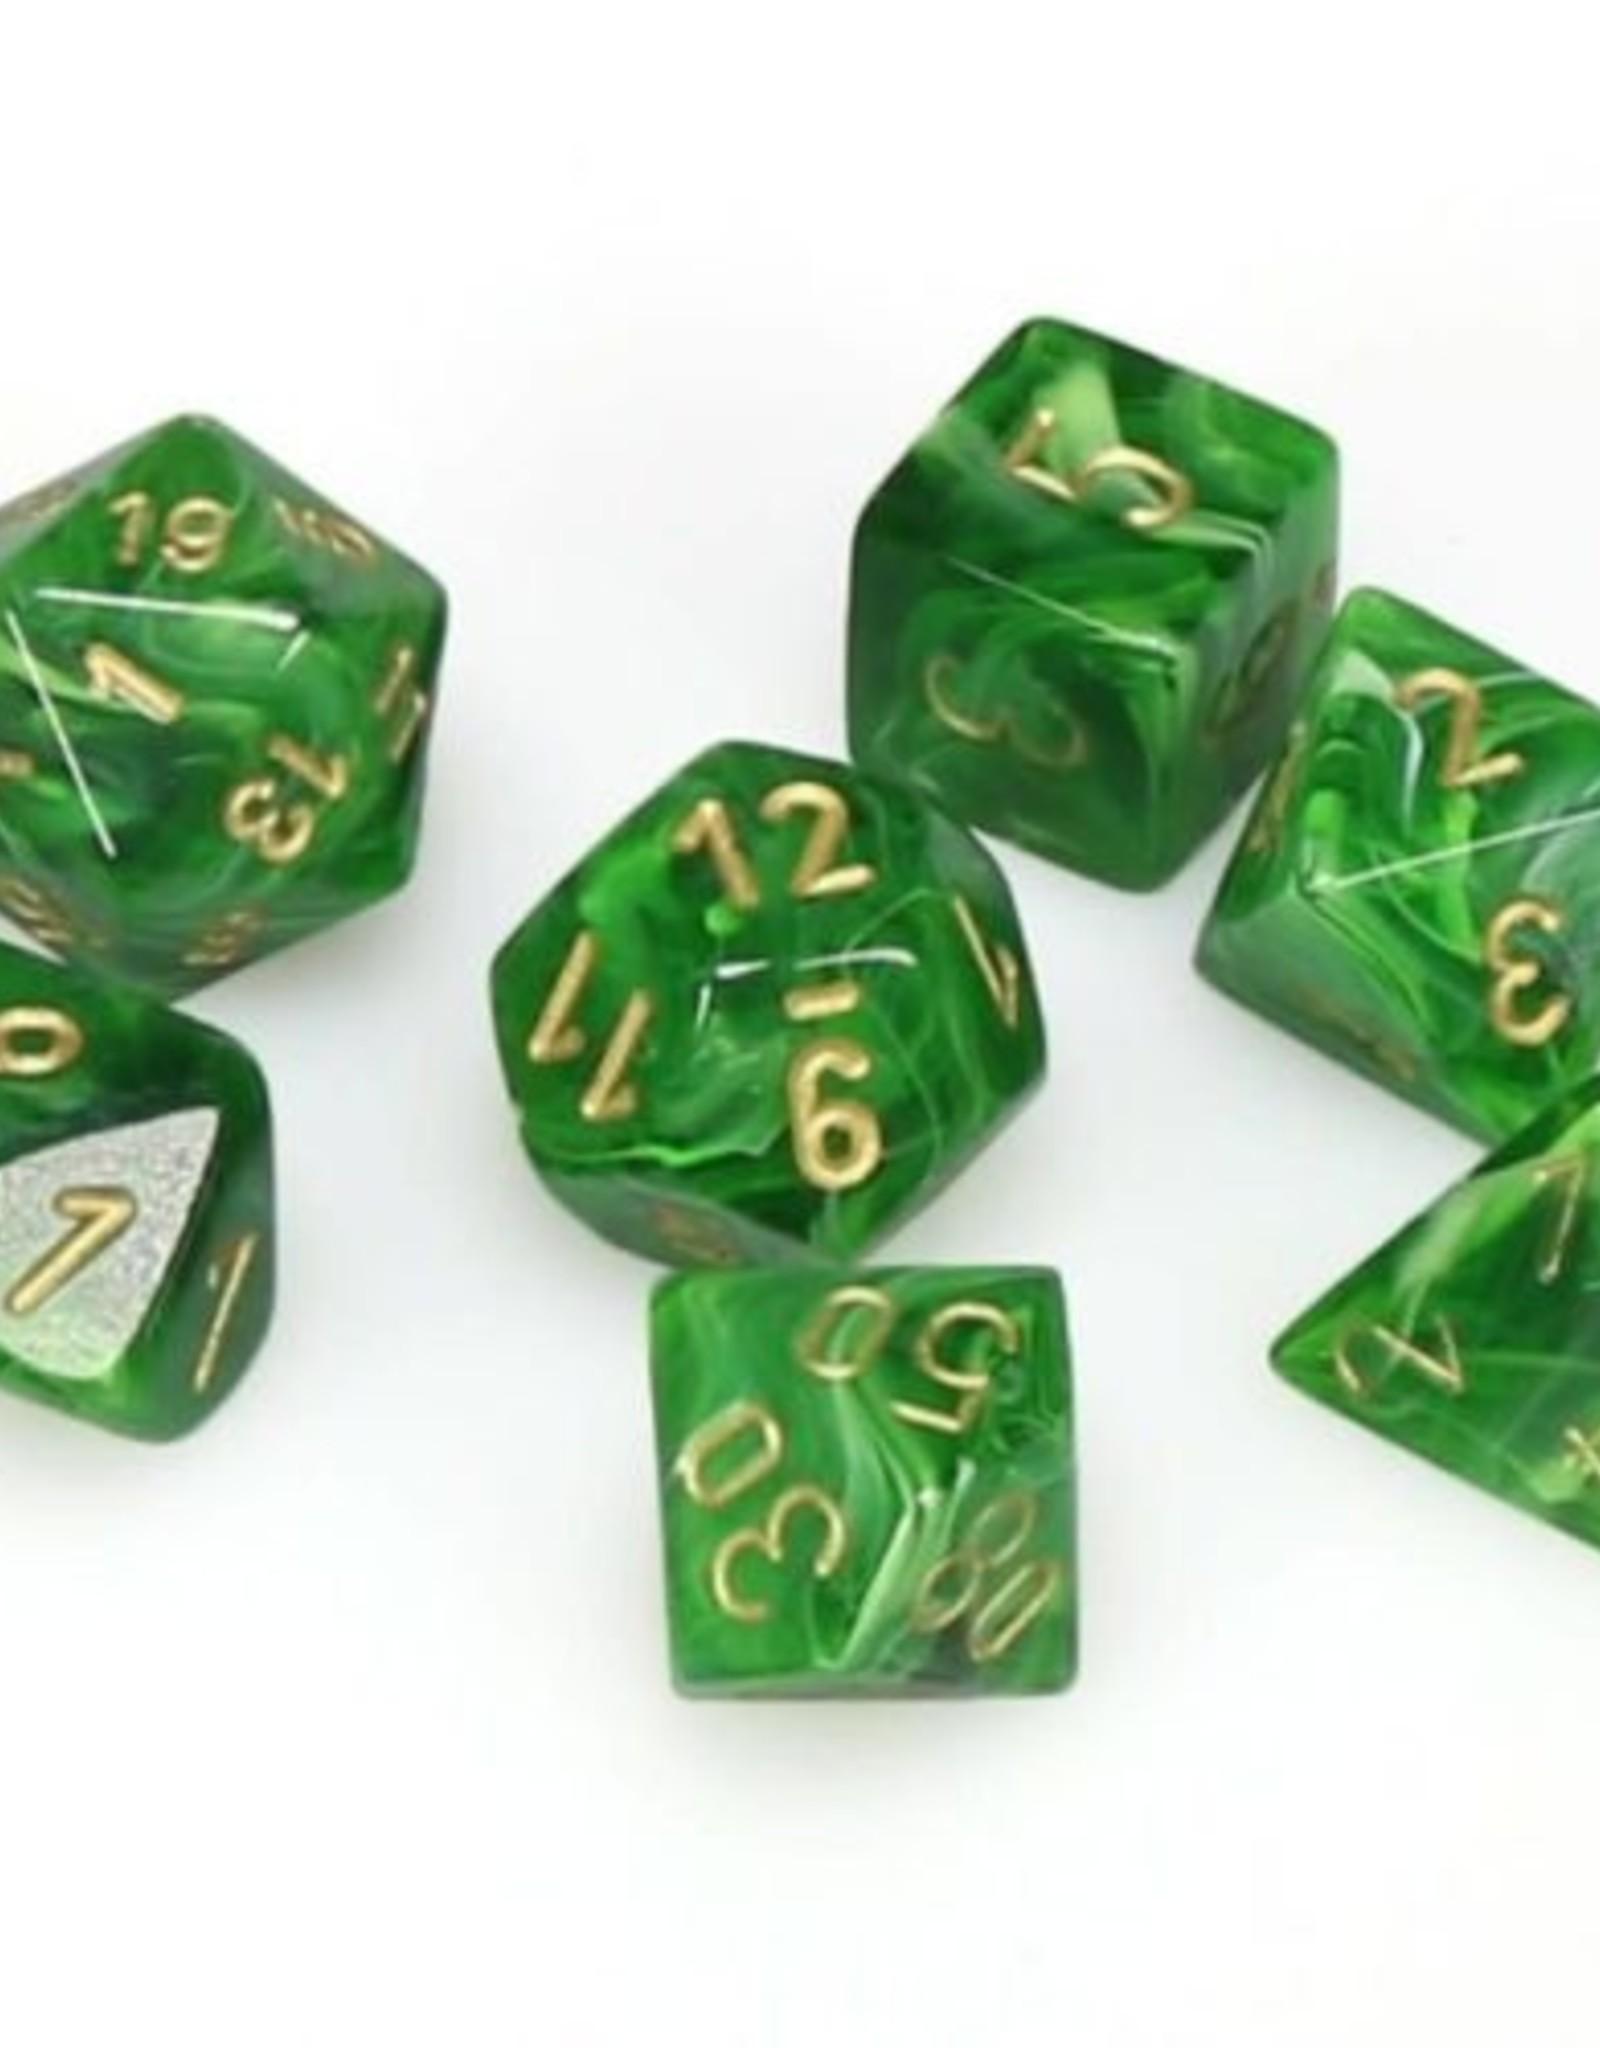 Chessex Chessex 7-Die set Vortex - Green/Gold